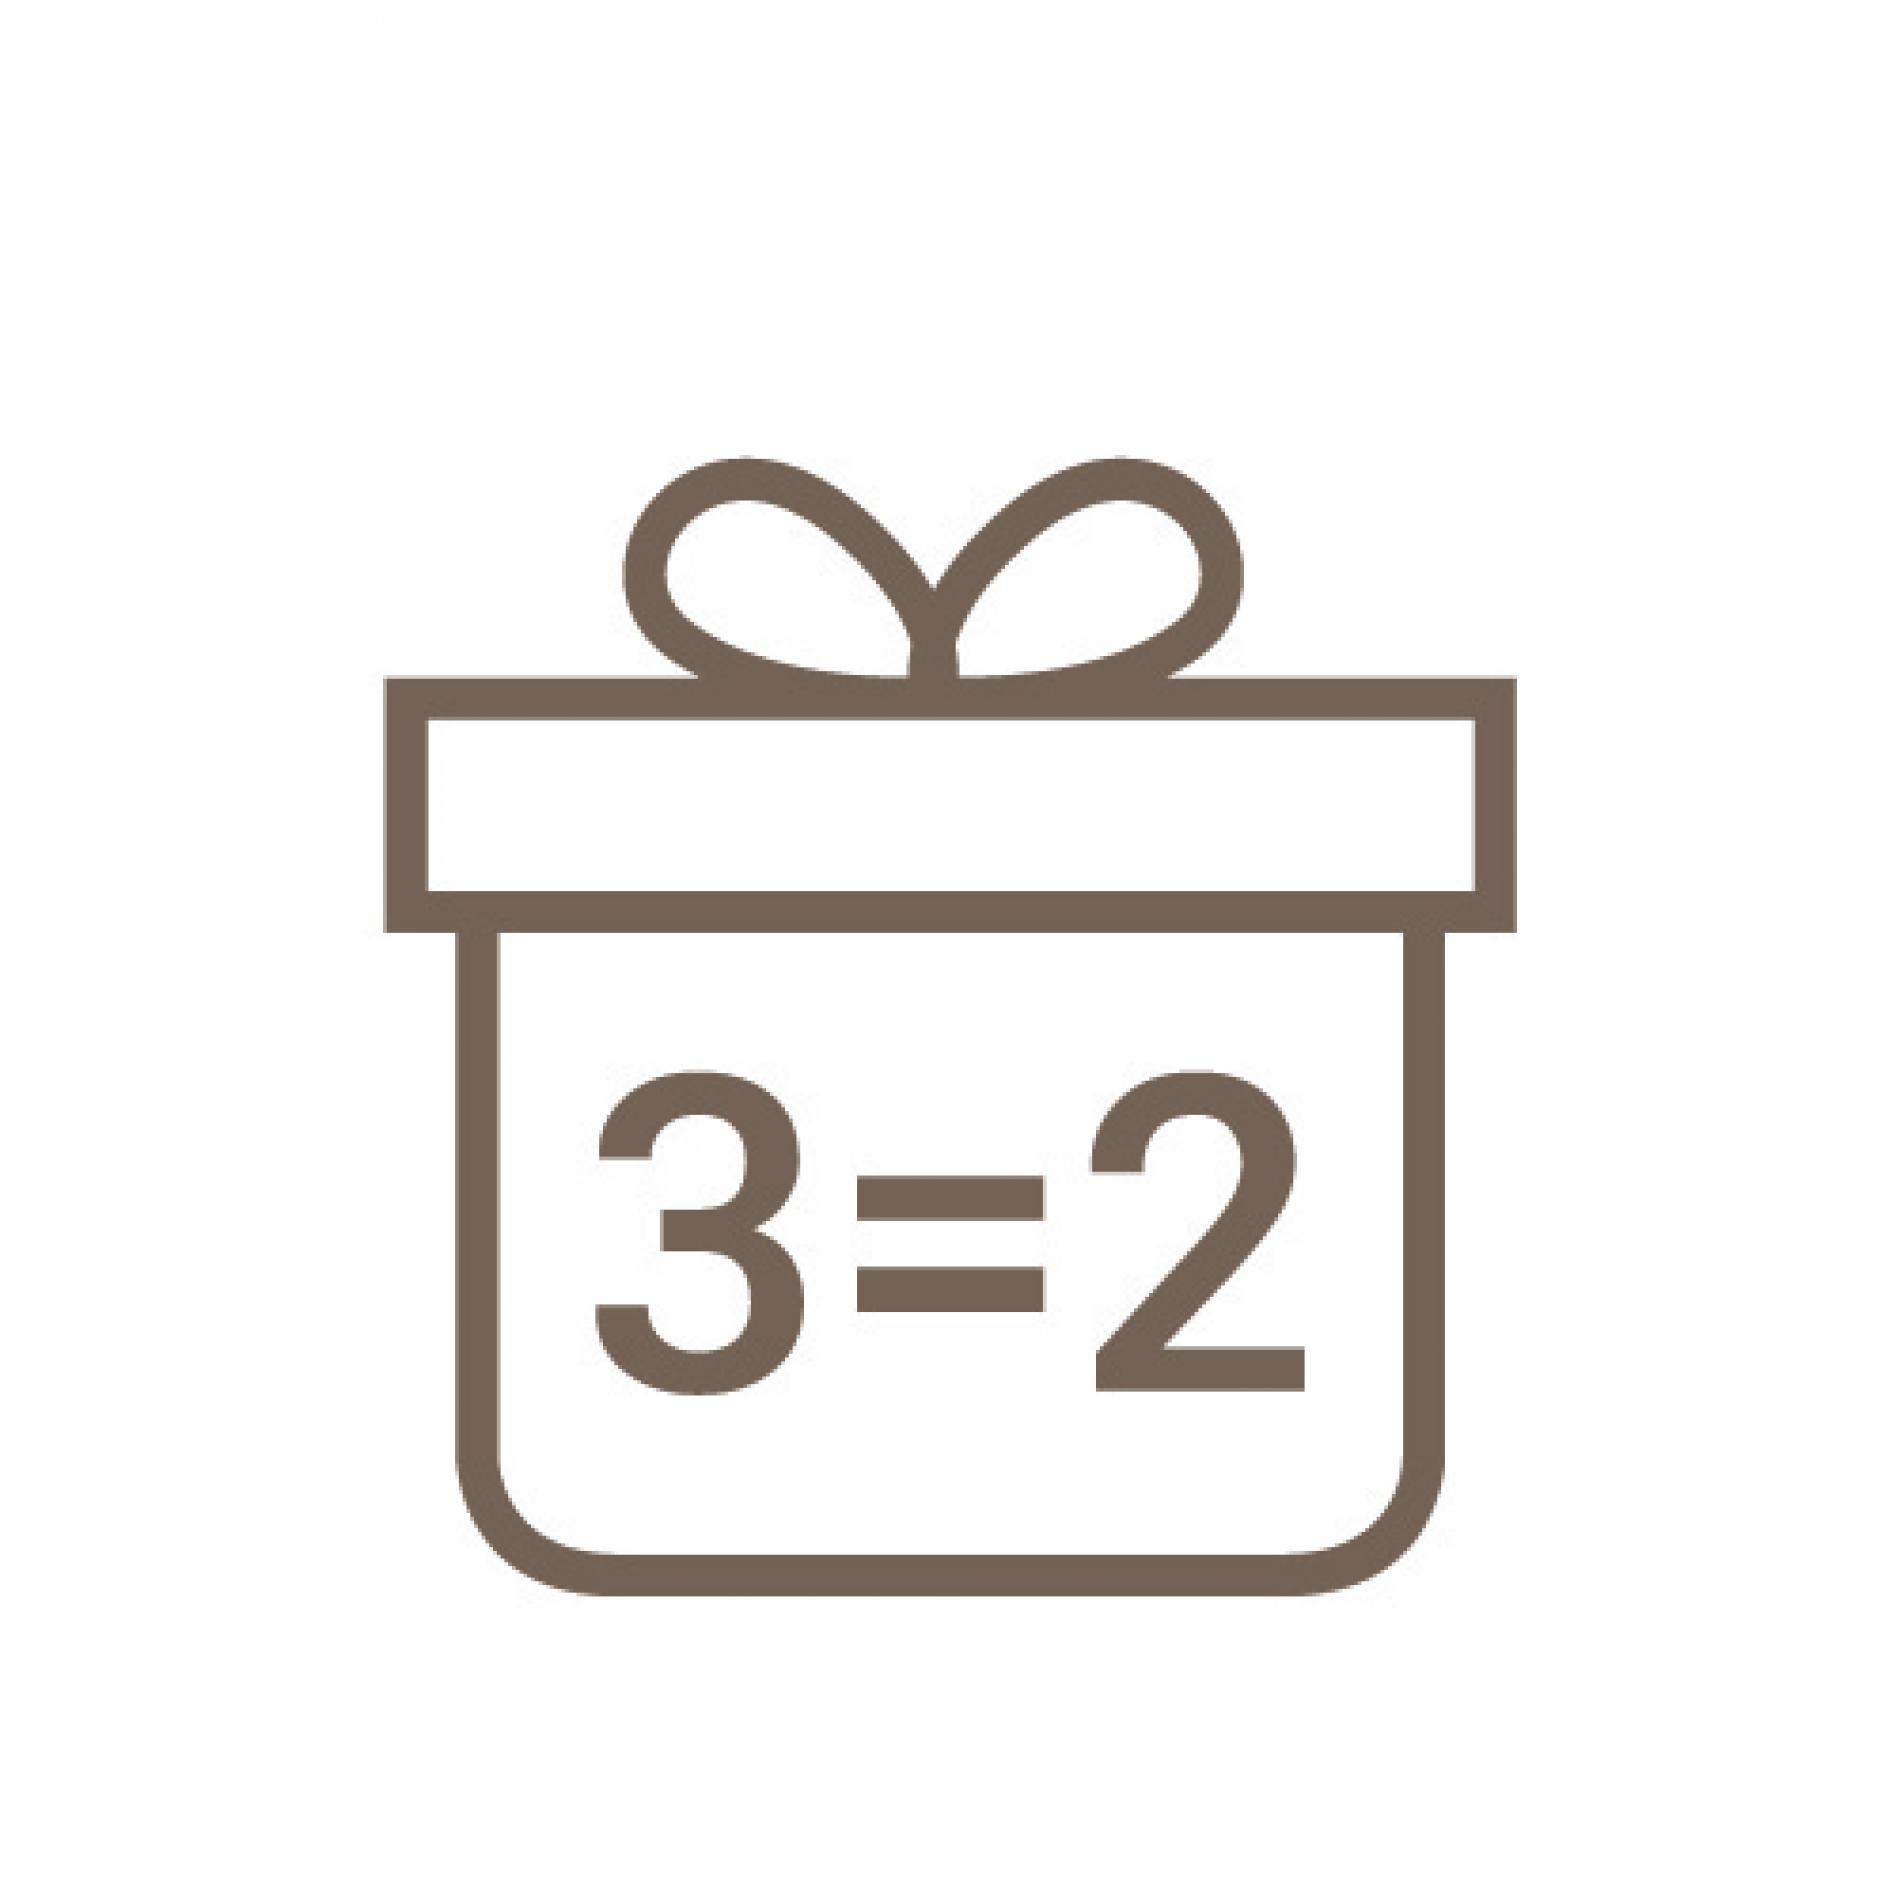 OFFRE 2=3 jusqu'au 30 novembre : payez 2 nuits, la troisième est offerte